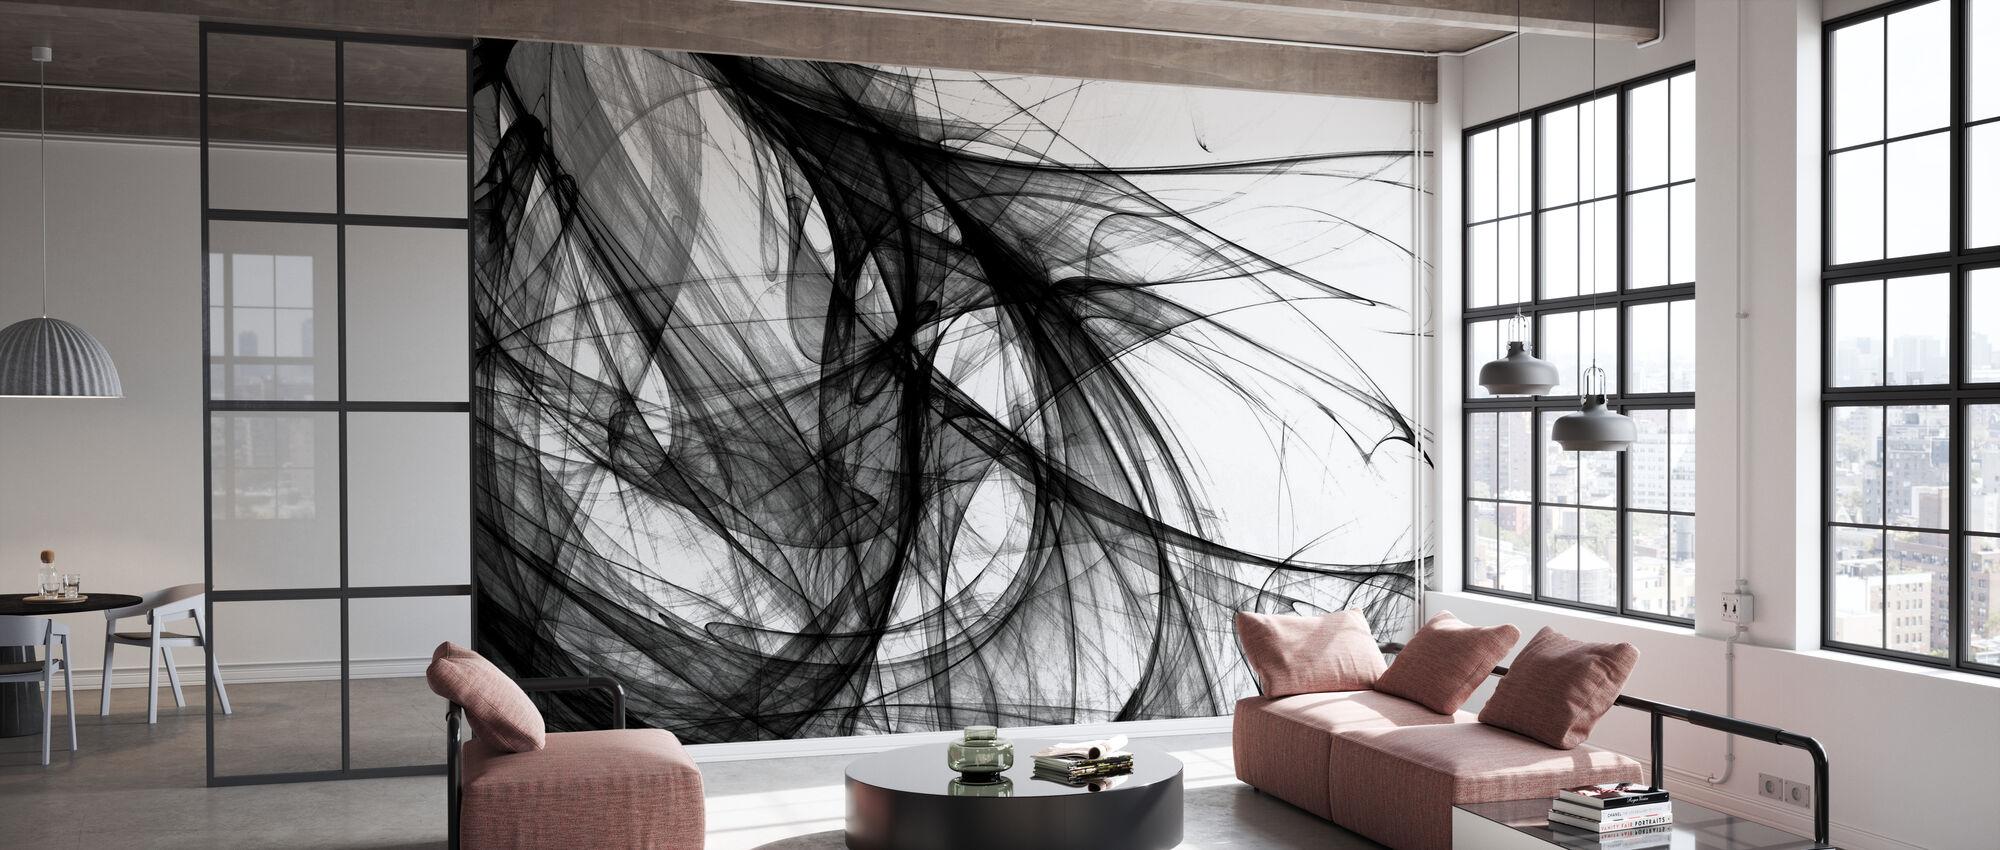 Lumière intérieure - n/b - Papier peint - Bureau